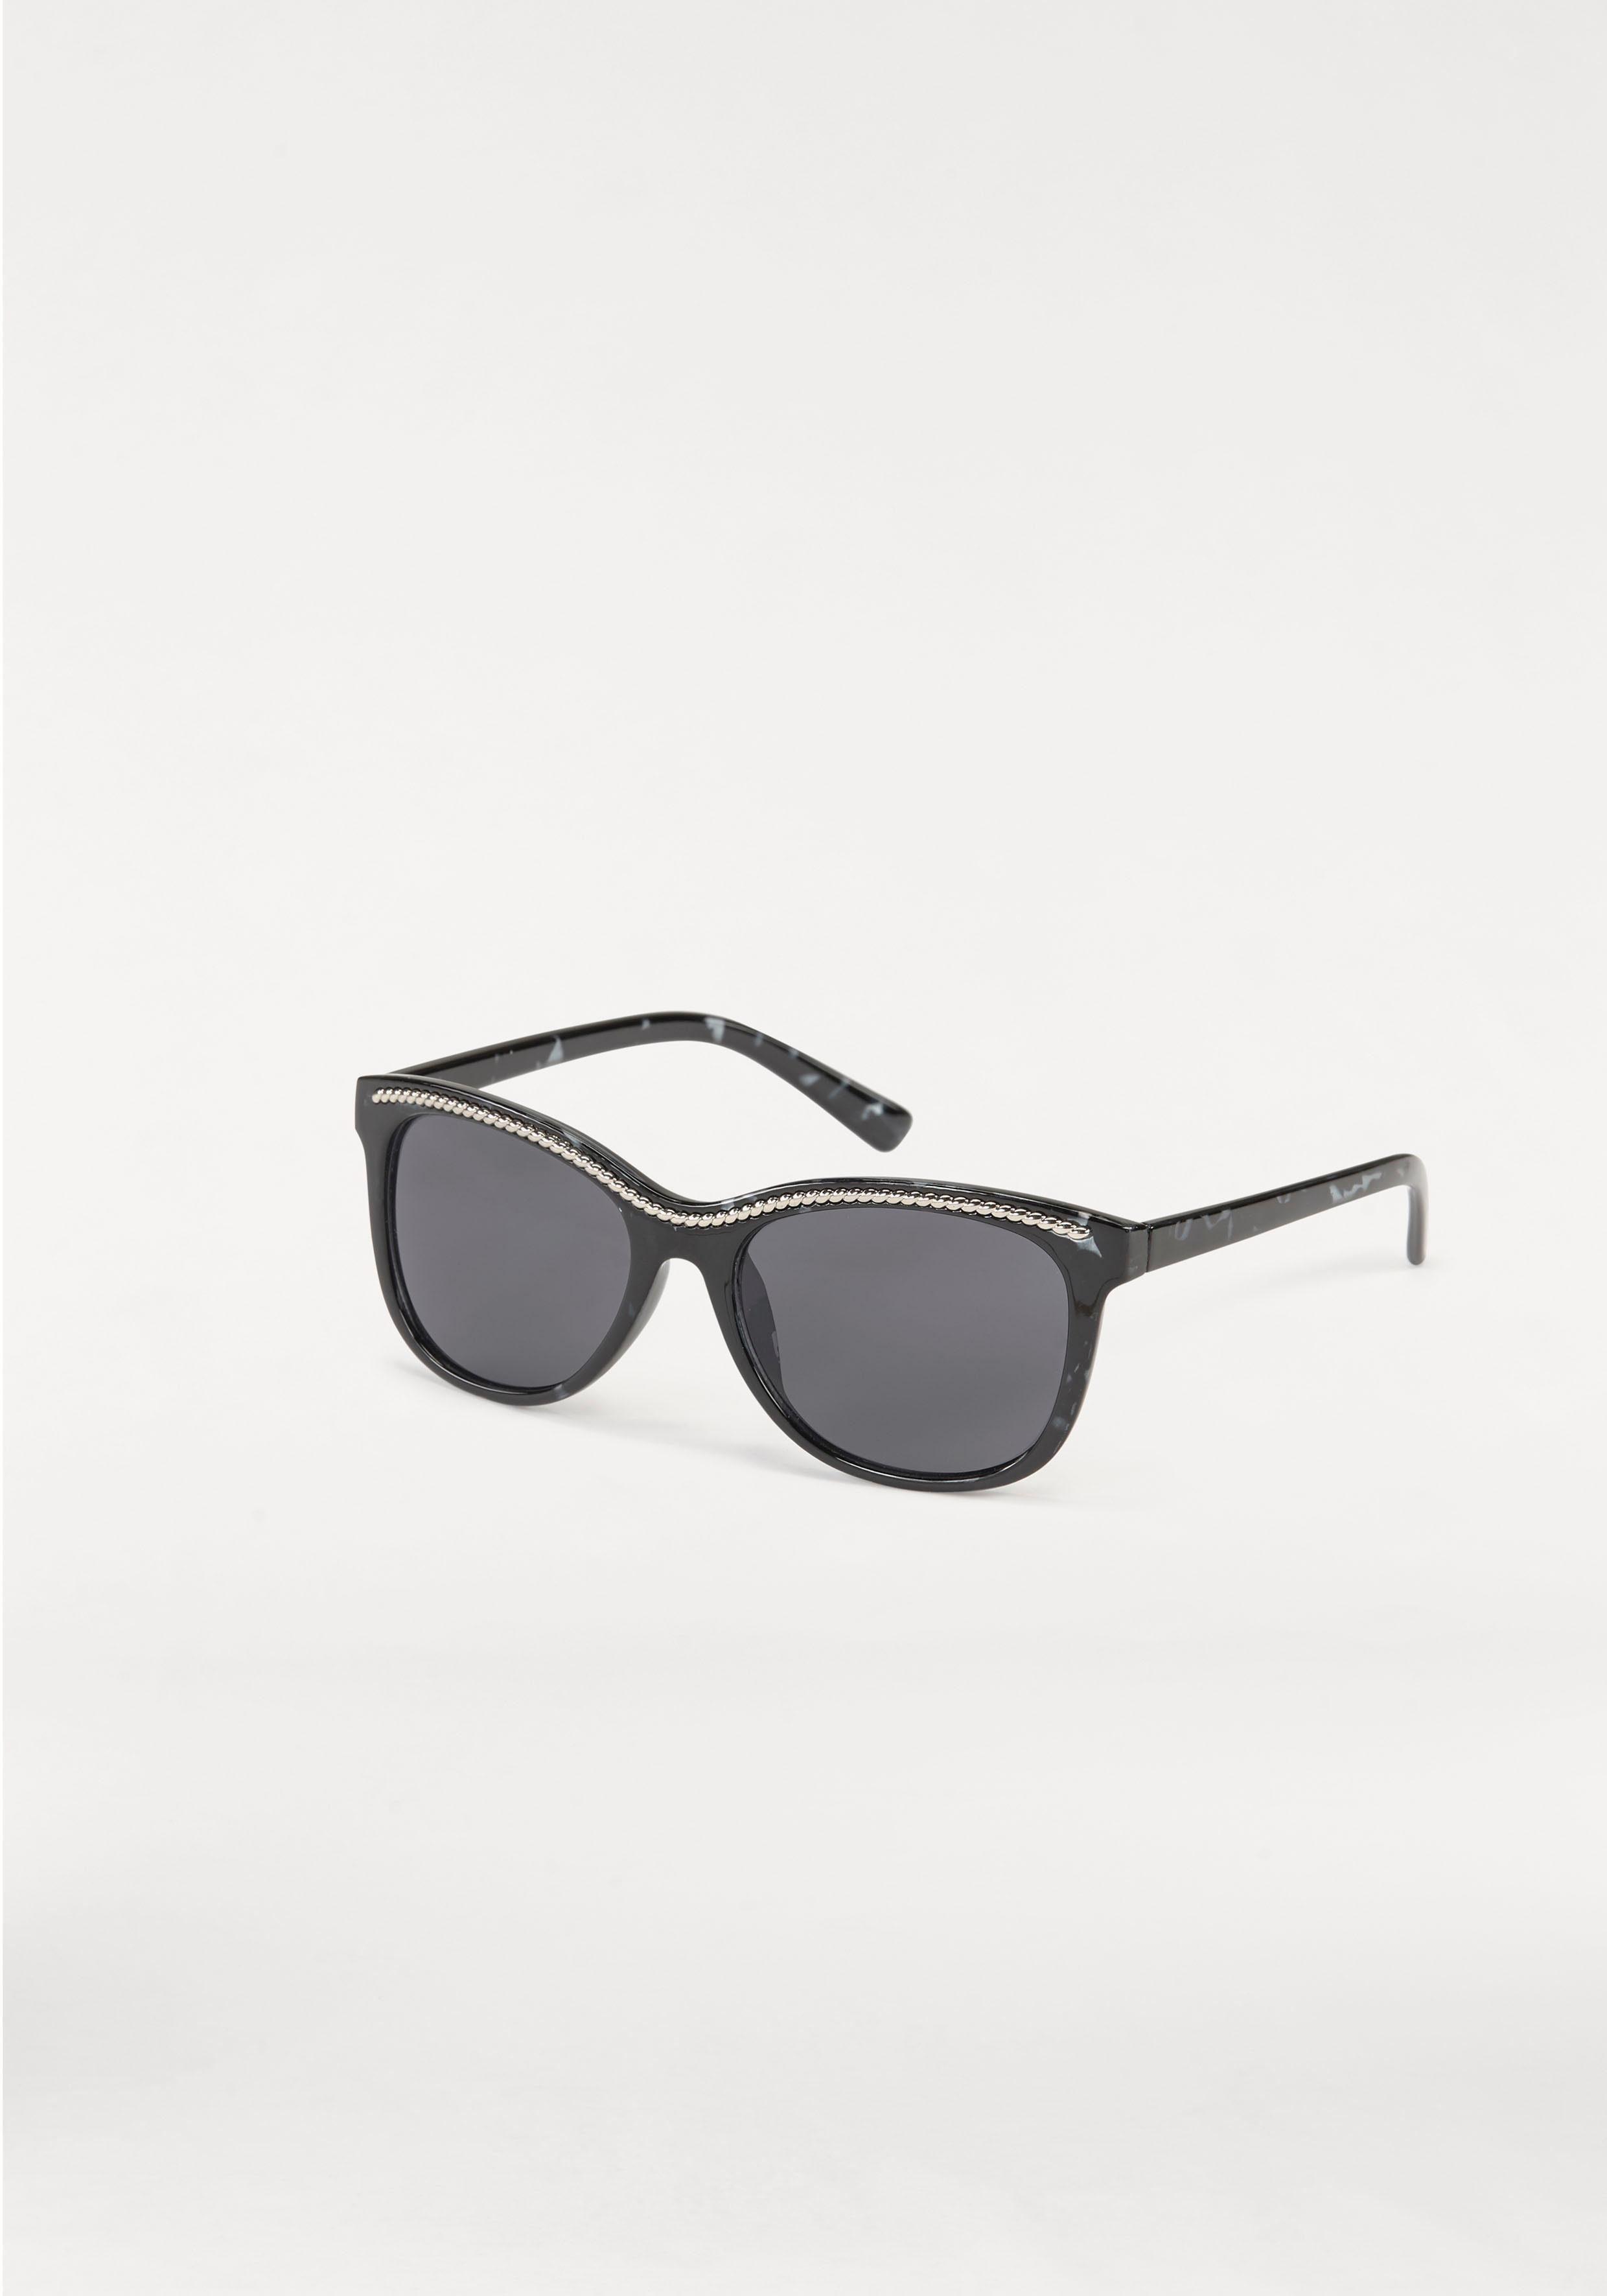 J. Jayz Sonnenbrille, mit glänzender Verzierung